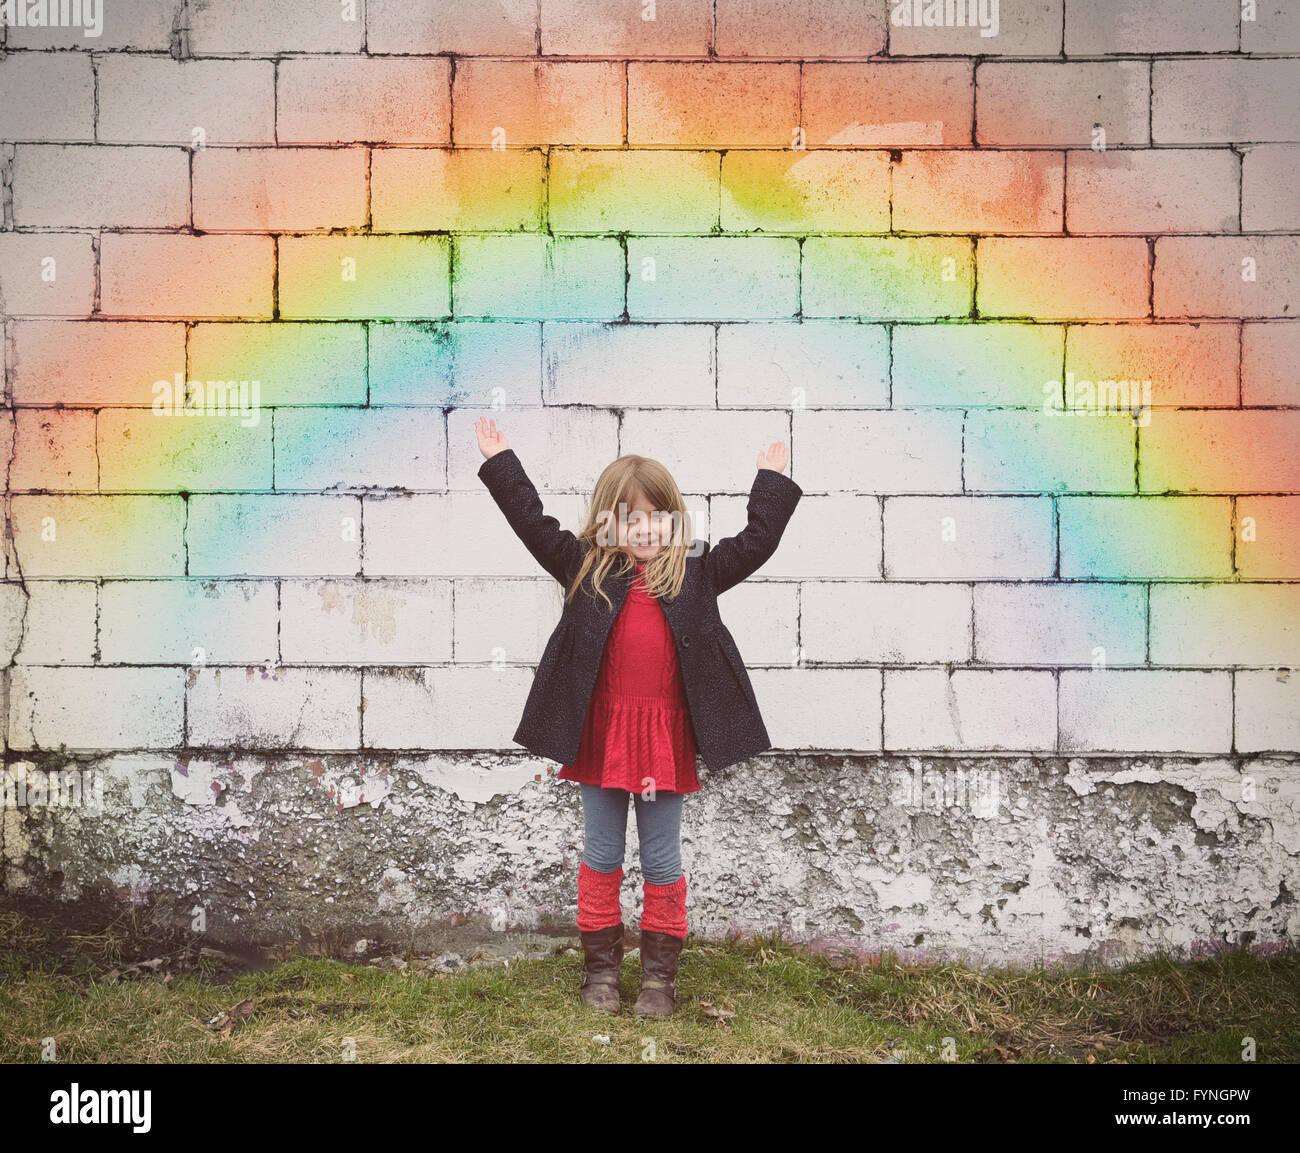 Ein glückliches kleines Mädchen steht gegen eine alte Mauer mit einem bunten Regenbogen und ihre Hände Stockbild